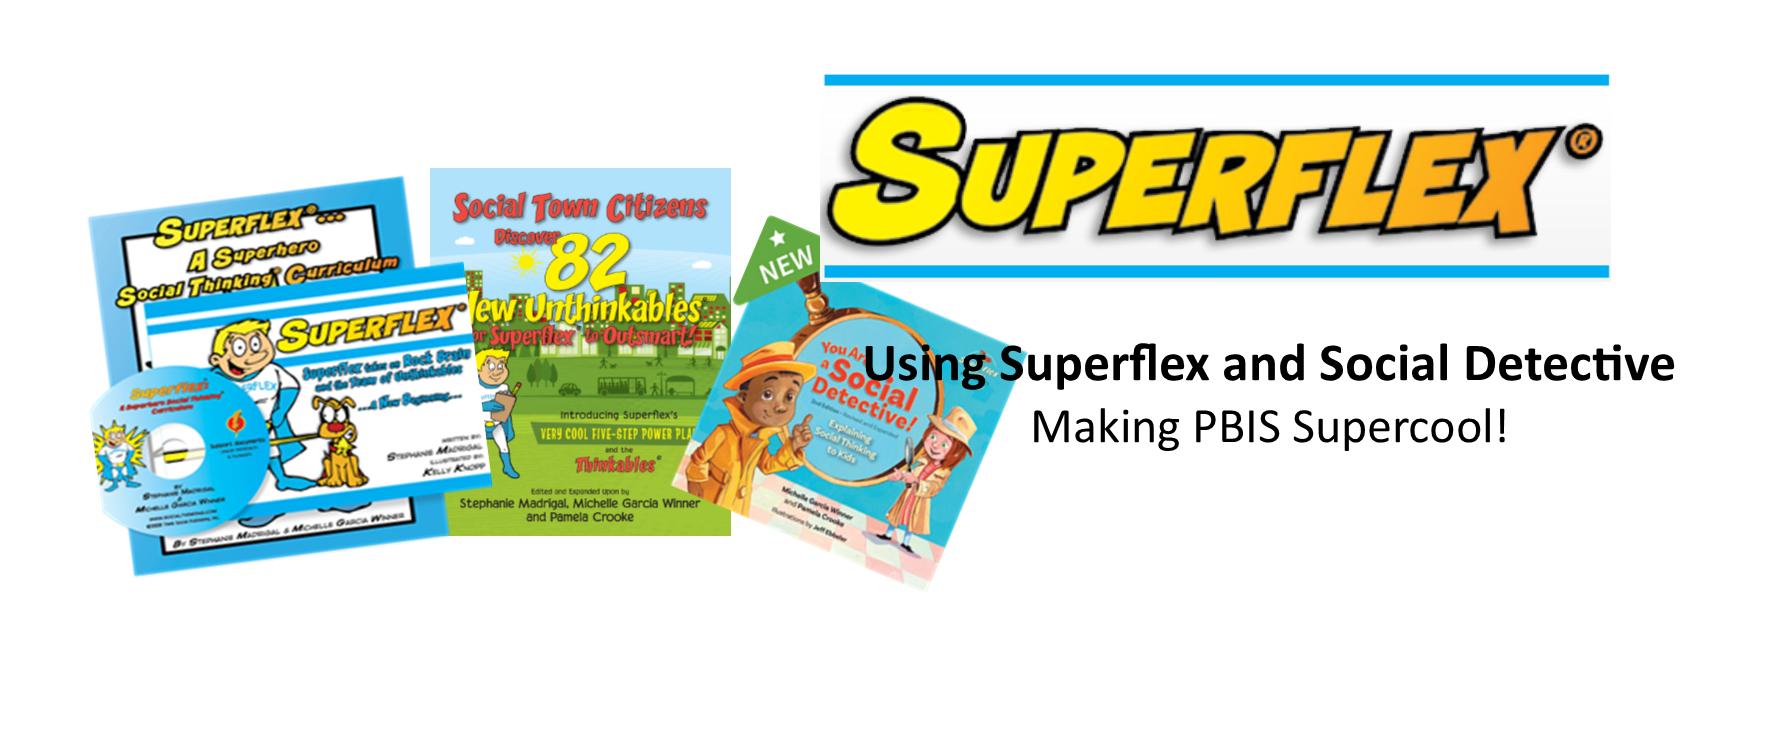 Superflex